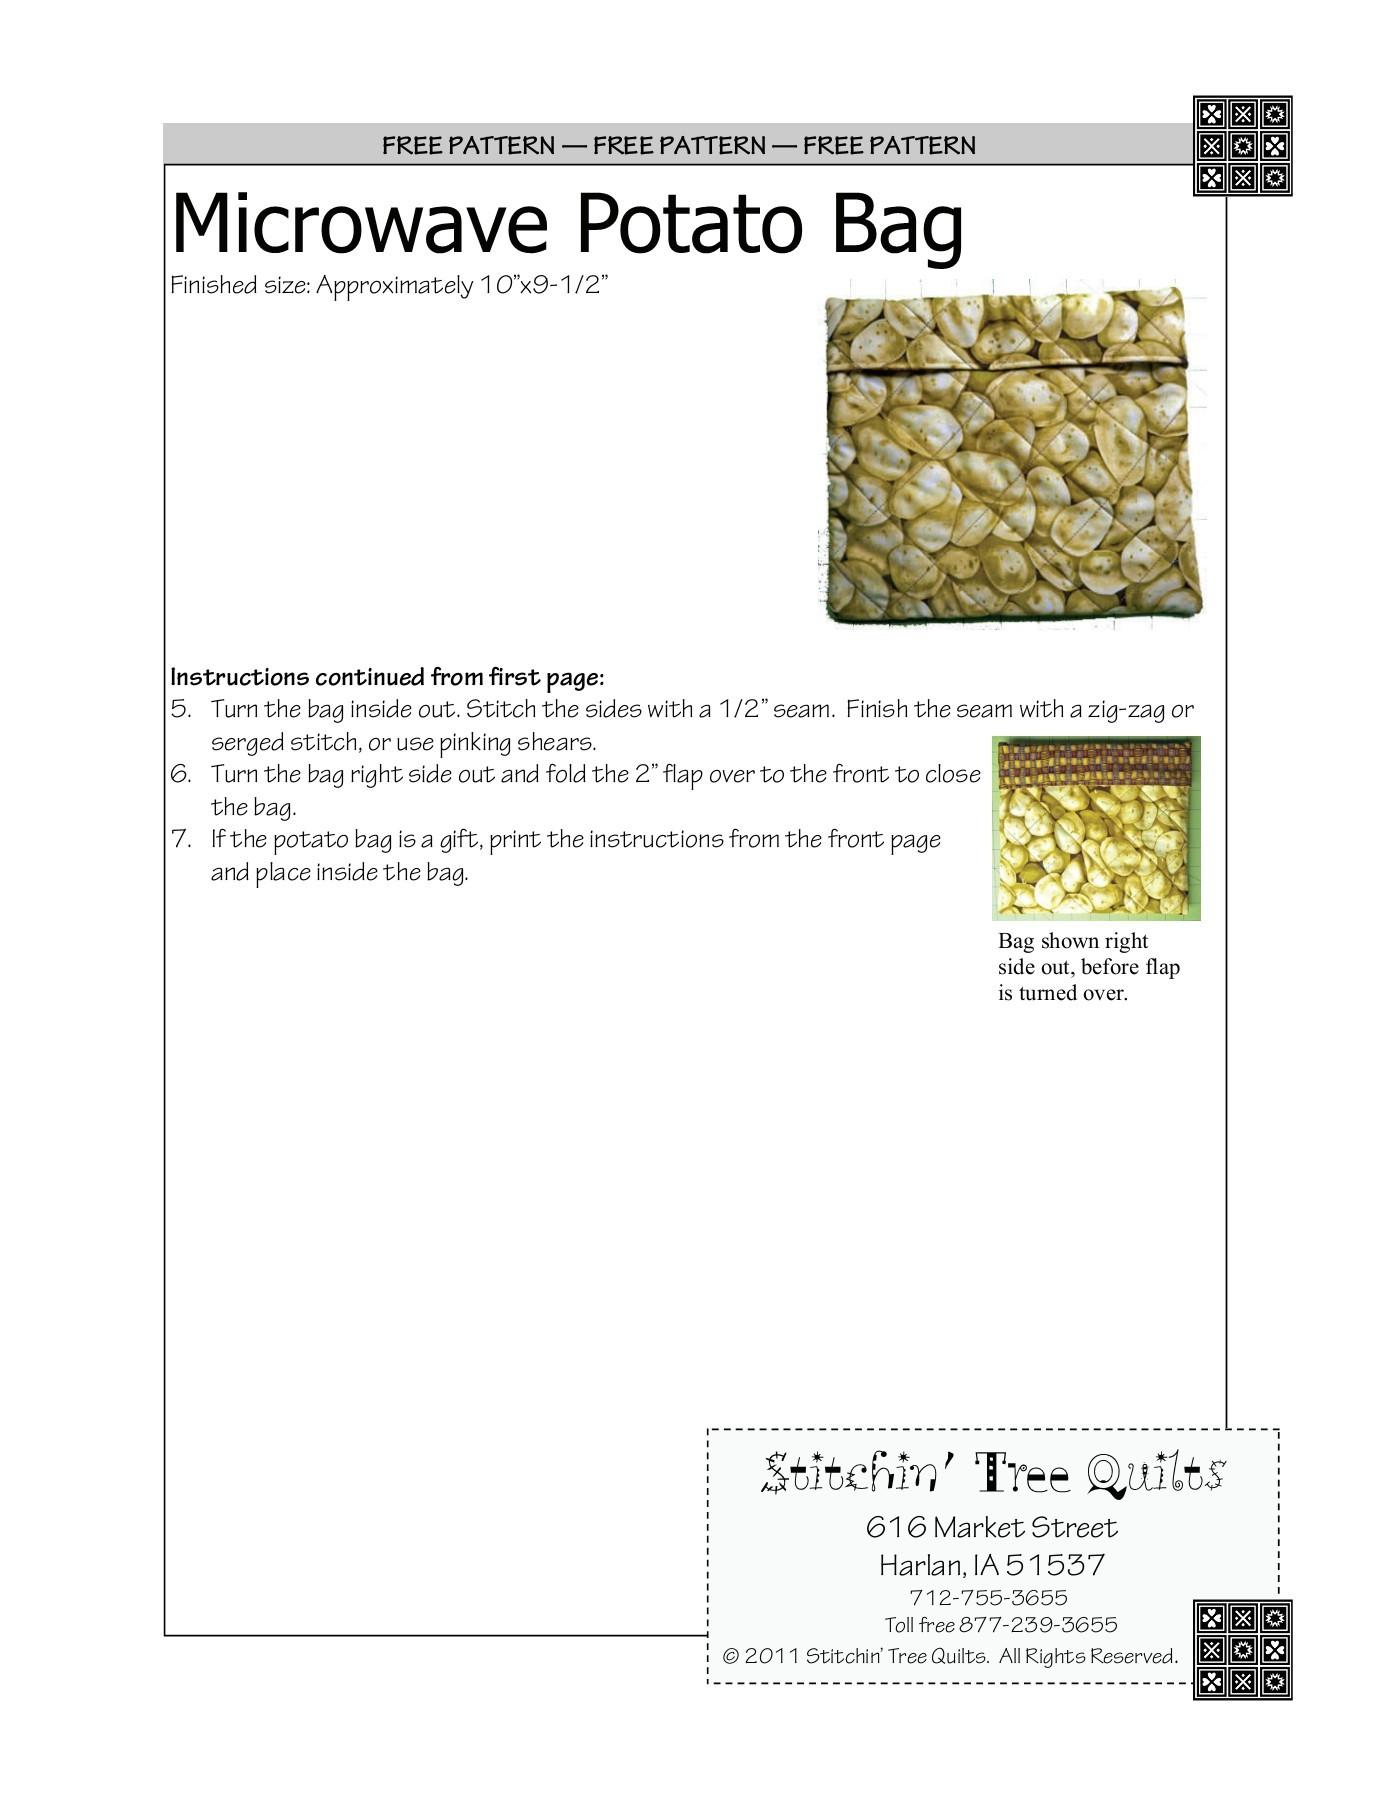 Microwave Potato Bag Pattern : microwave, potato, pattern, PATTERN, Microwave, Potato, Stitchin', Quilts, Pages, Download, FlipHTML5